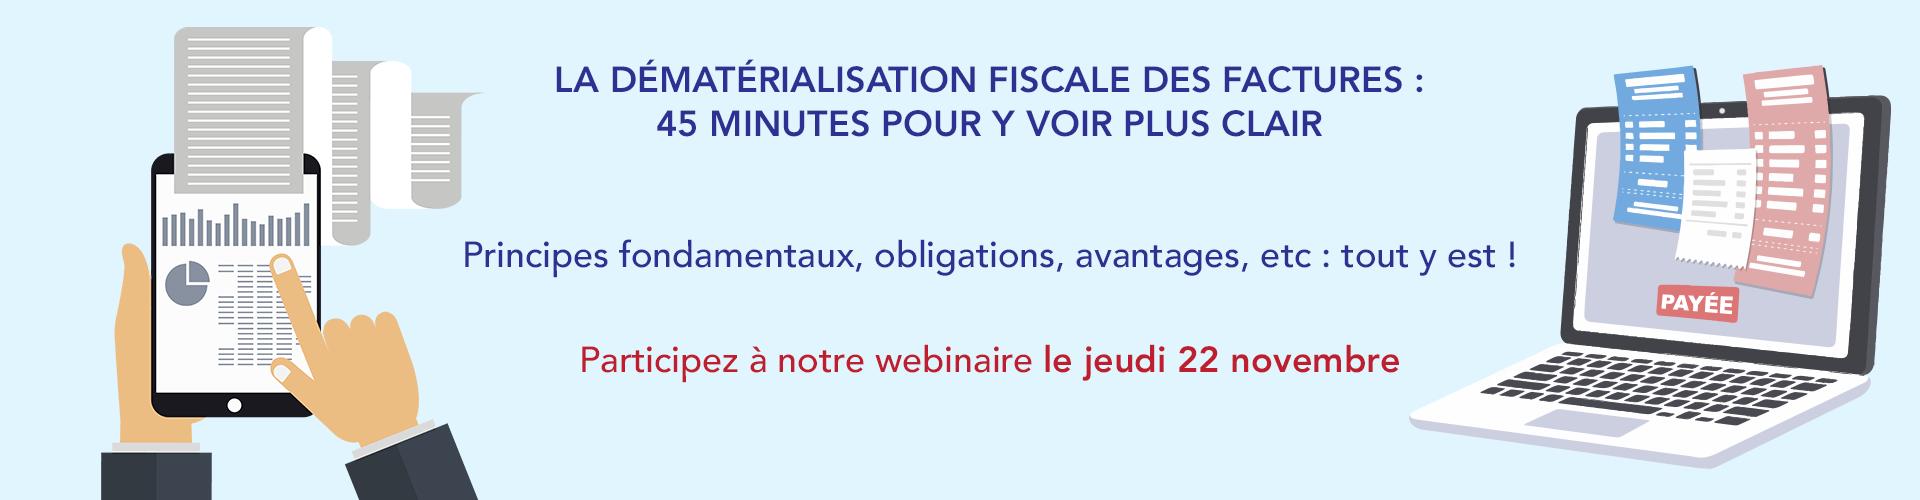 Bannière-webinaire-Démat-fiscale_slideck-site